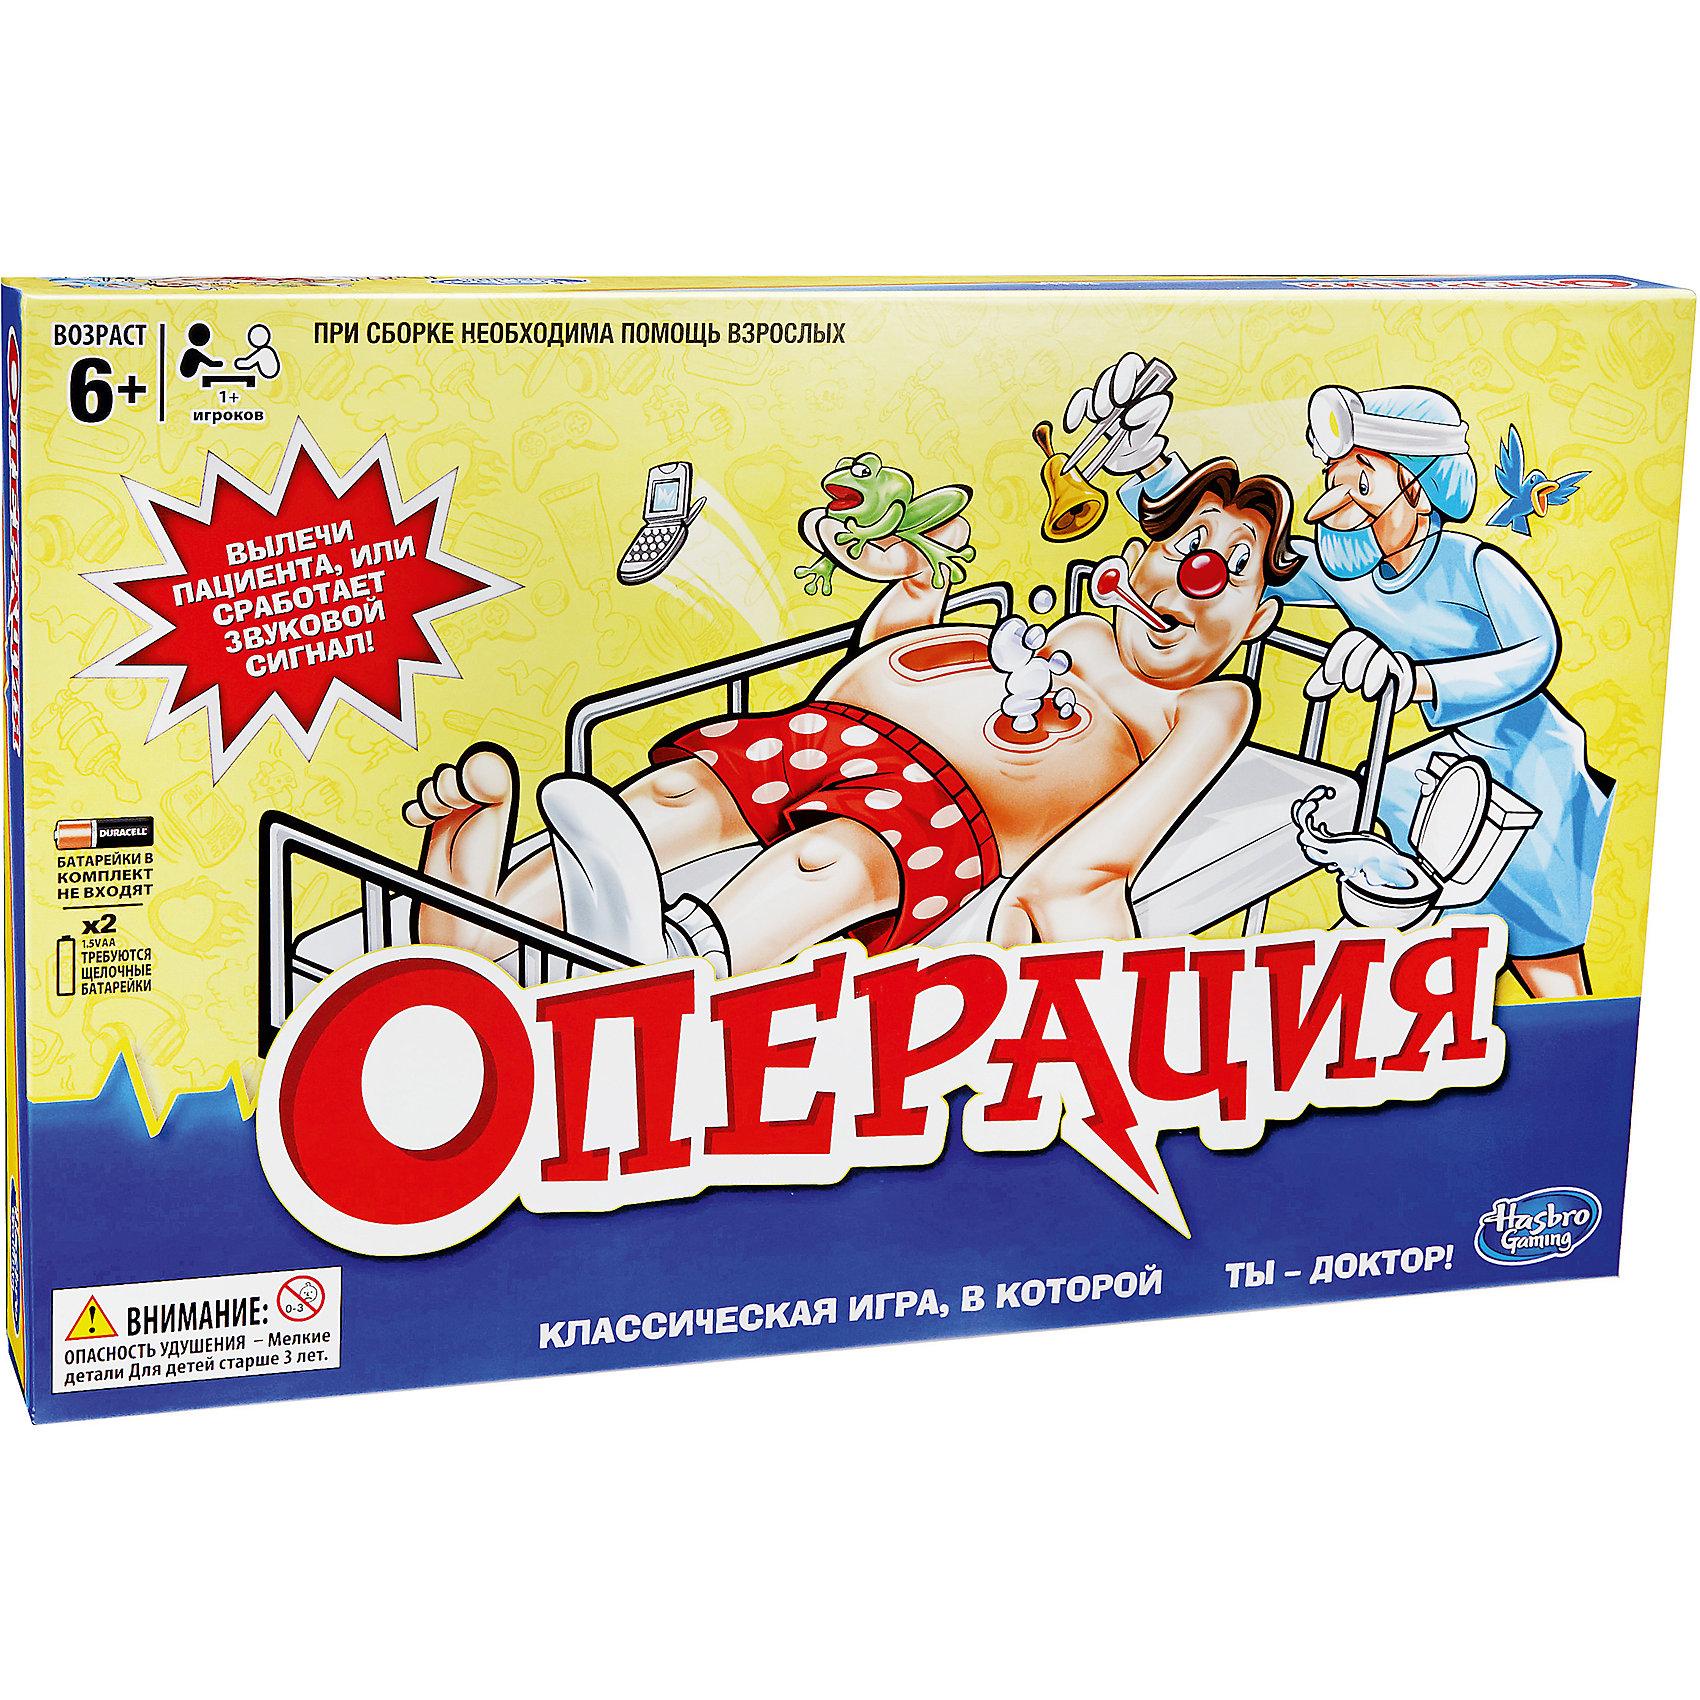 Игра Операция (обновленная версия 2016), HasbroИгры для развлечений<br>Операция (обновленная), Hasbro - увлекательная настольная игра c необычным сюжетом, которая послужит не только развлекательным, но и обучающим целям. Юным докторам предстоит обнаружить болезнь и вылечить от нее пациента Сэма. В комплекте Вы найдете игровое поле с изображением Сэма, игрушечный хирургический пинцет, элементы, изображающие заболевания, и контейнер для них. На теле человечка имеются отверстия, в которых нужно поместить болезни, всего 13 пластиковых деталей-болезней. Задача маленького хирурга - с помощью пинцета быстро и аккуратно извлечь болезни из тела пациента, не задев при этом края ран. При неудачной попытке состояние Сэма ухудшается: раздаются звуковые эффекты, загорается лампочка, расположенная на его лице. В обновленной версии игры лунки стали еще меньше и вытащить болезни, чтобы не задеть края ран стало еще сложнее. Побеждает участник, которому удастся извлечь большее количество заболеваний и допустить при этом меньше ошибок. С помощью этой забавной игры ребенок познакомится с анатомическим строением человека, запомнит расположение костей и органов. Игра способствует развитию у ребенка чувства ответственности, аккуратности, памяти и внимания, тренирует мелкую моторику. <br><br>Дополнительная информация:<br><br>- В комплекте: игровое поле, пинцет, 13 пластиковых деталей-болезней (включая резиновую ленту), инструкция.<br>- Материал: пластик, металл.<br>- Требуются батарейки: 2 х AA/LR6 1.5V (не входят в комплект). <br>- Размер упаковки: 40 х 4,5 х 25 см.<br>- Вес: 0,73 кг.<br><br>Игру Операция (обновленная), Hasbro, можно купить в нашем интернет-магазине.<br><br>Ширина мм: 44<br>Глубина мм: 400<br>Высота мм: 251<br>Вес г: 730<br>Возраст от месяцев: 72<br>Возраст до месяцев: 144<br>Пол: Унисекс<br>Возраст: Детский<br>SKU: 4708246